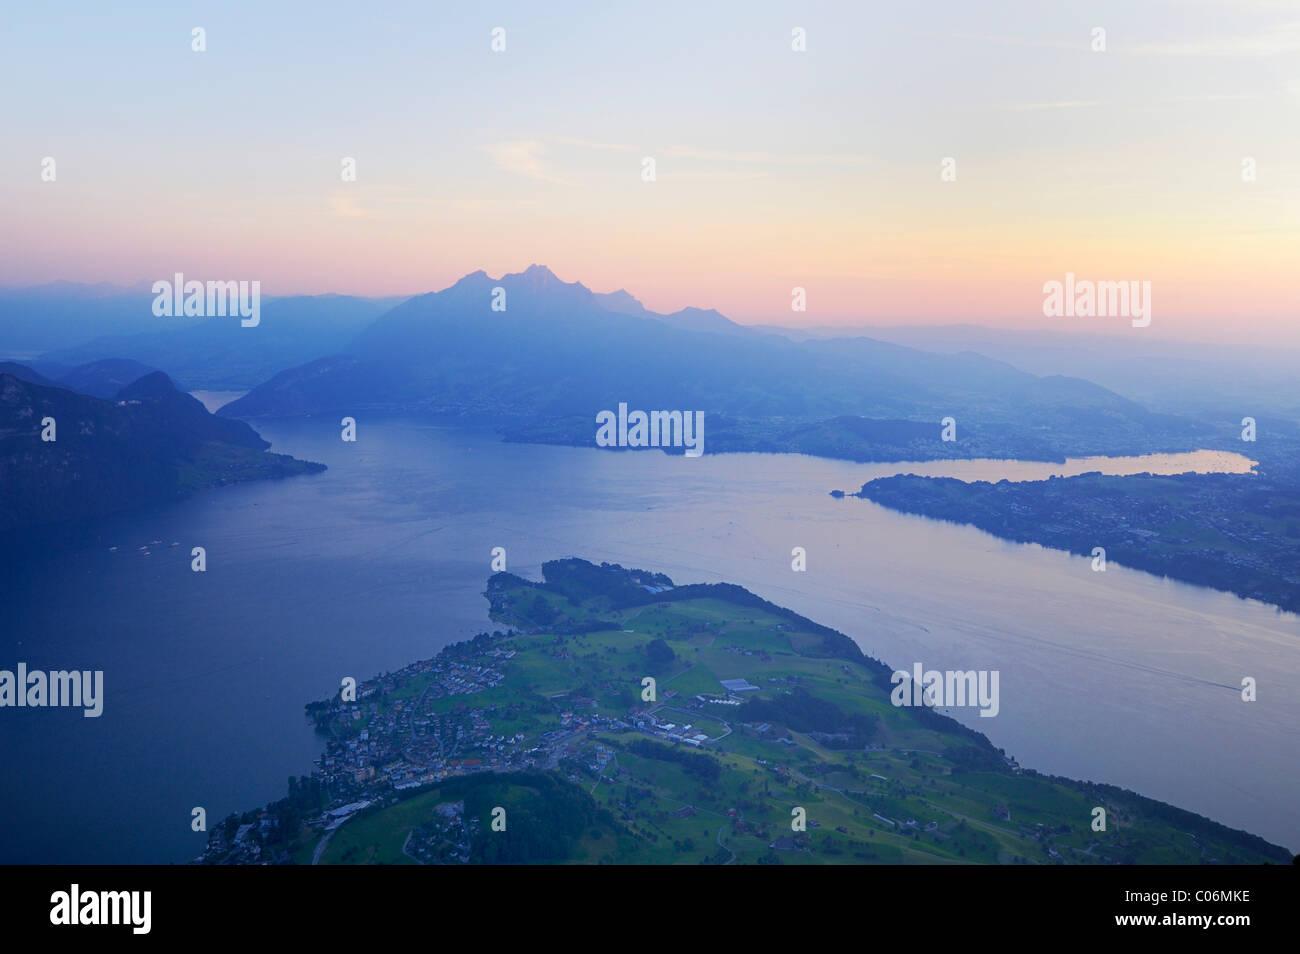 Le lac de Lucerne avec le village de Weggis, au loin, la montagne Pilatus, Lucerne, Suisse, Europe Photo Stock